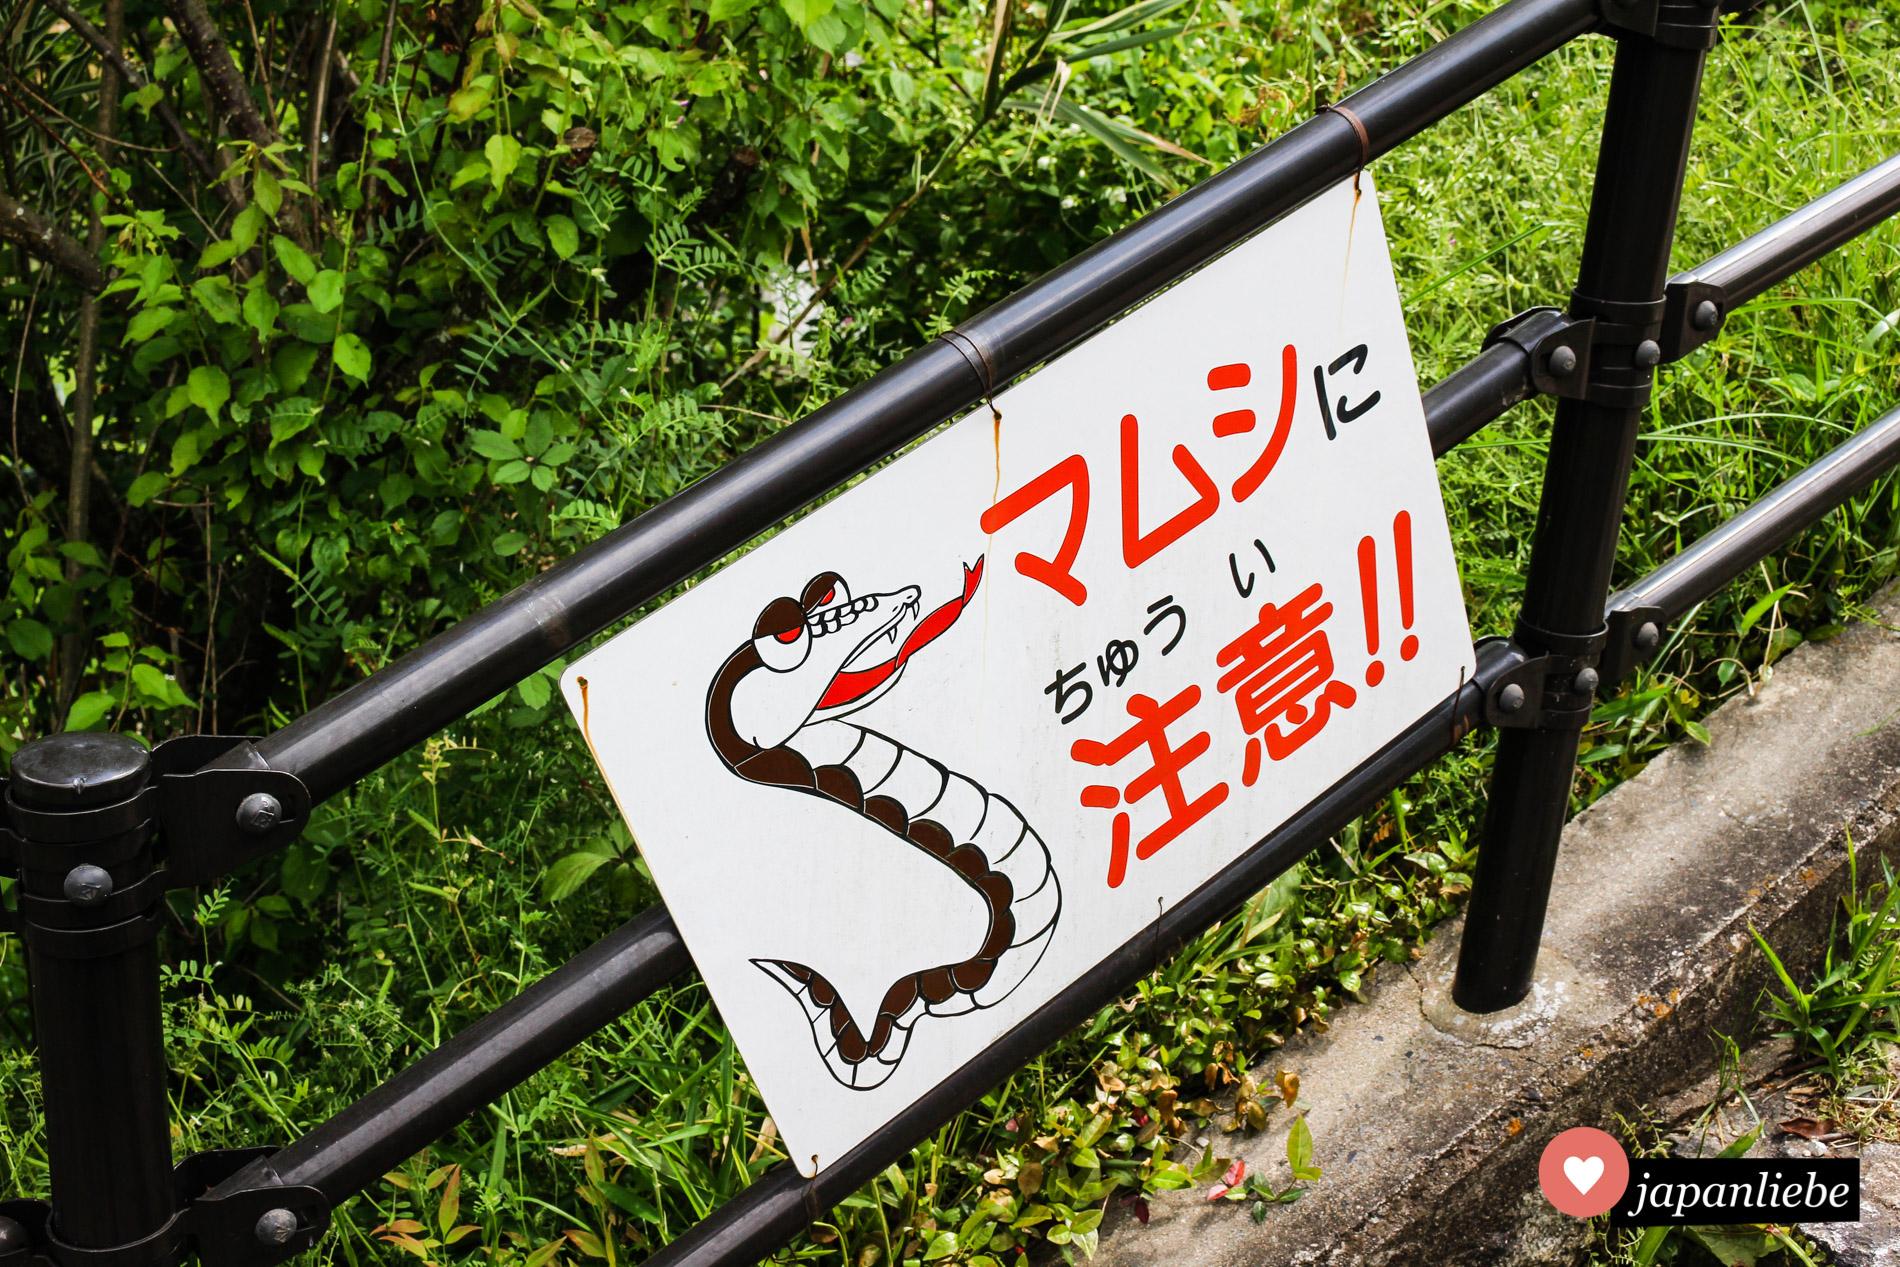 Warnschilder vor giftigen Schlangen können auch niedlich sein – zumindest in Japan.